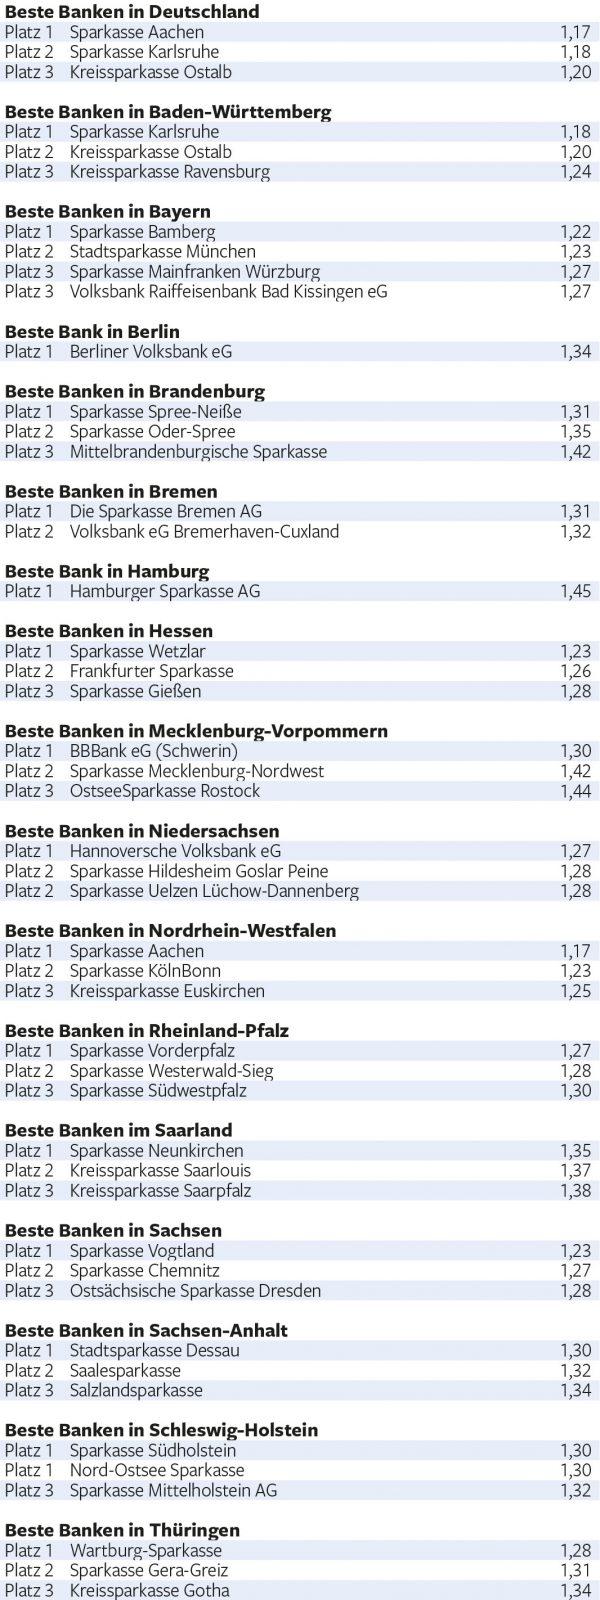 Beste Banken fuer Privatkunden 2018